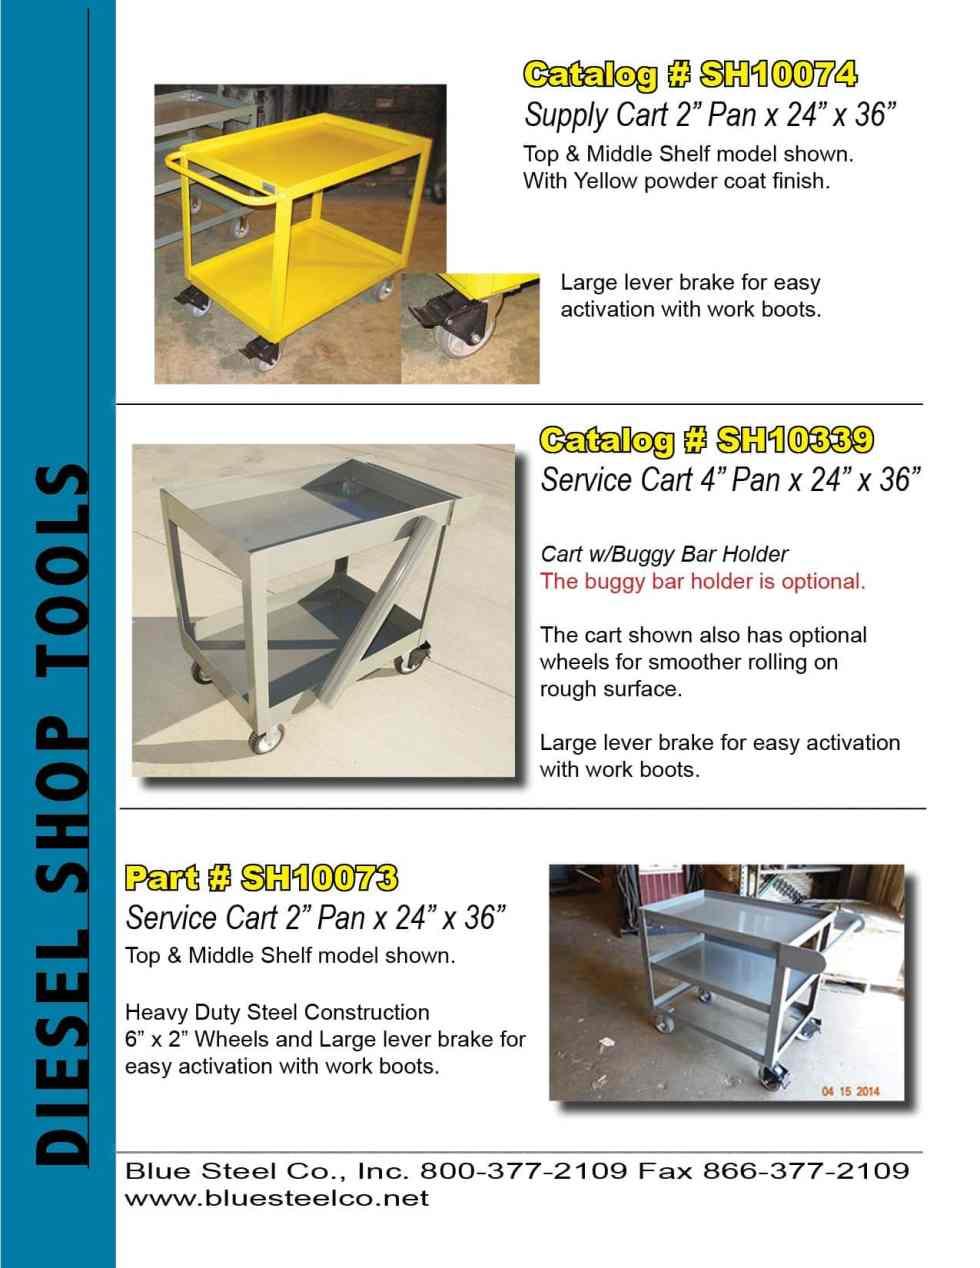 Service Carts and Supply Carts